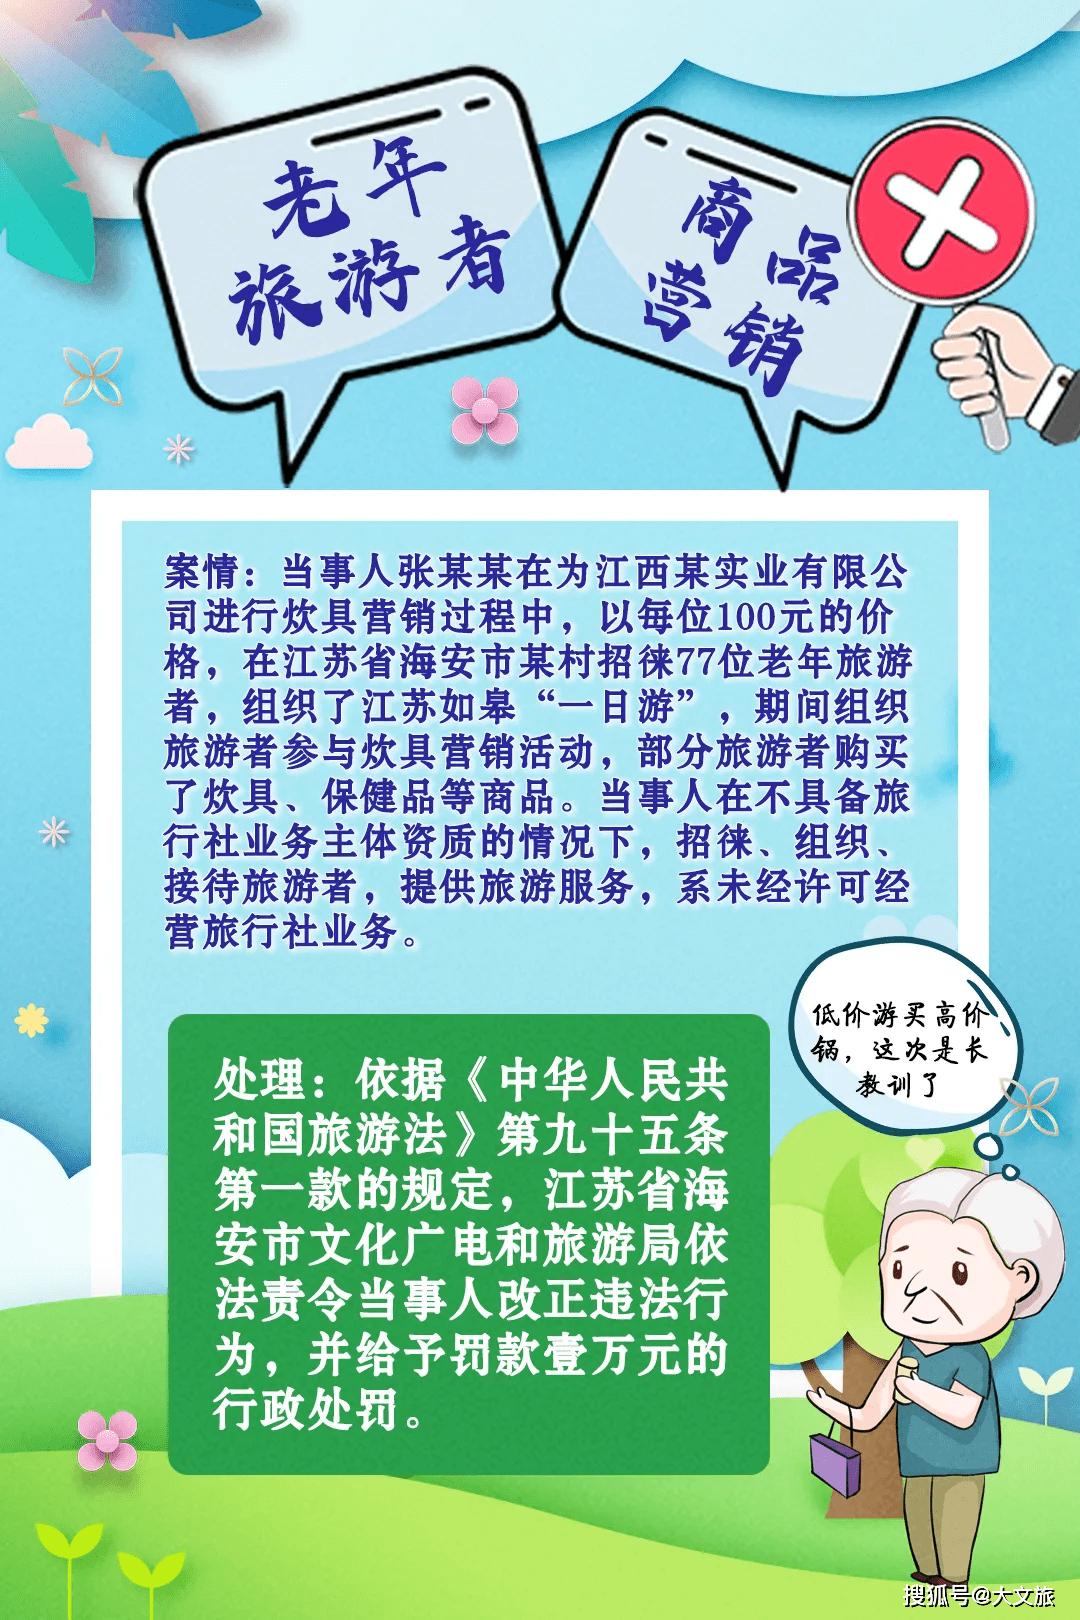 """张某某组织江苏如皋""""一日游""""被罚款壹万元"""